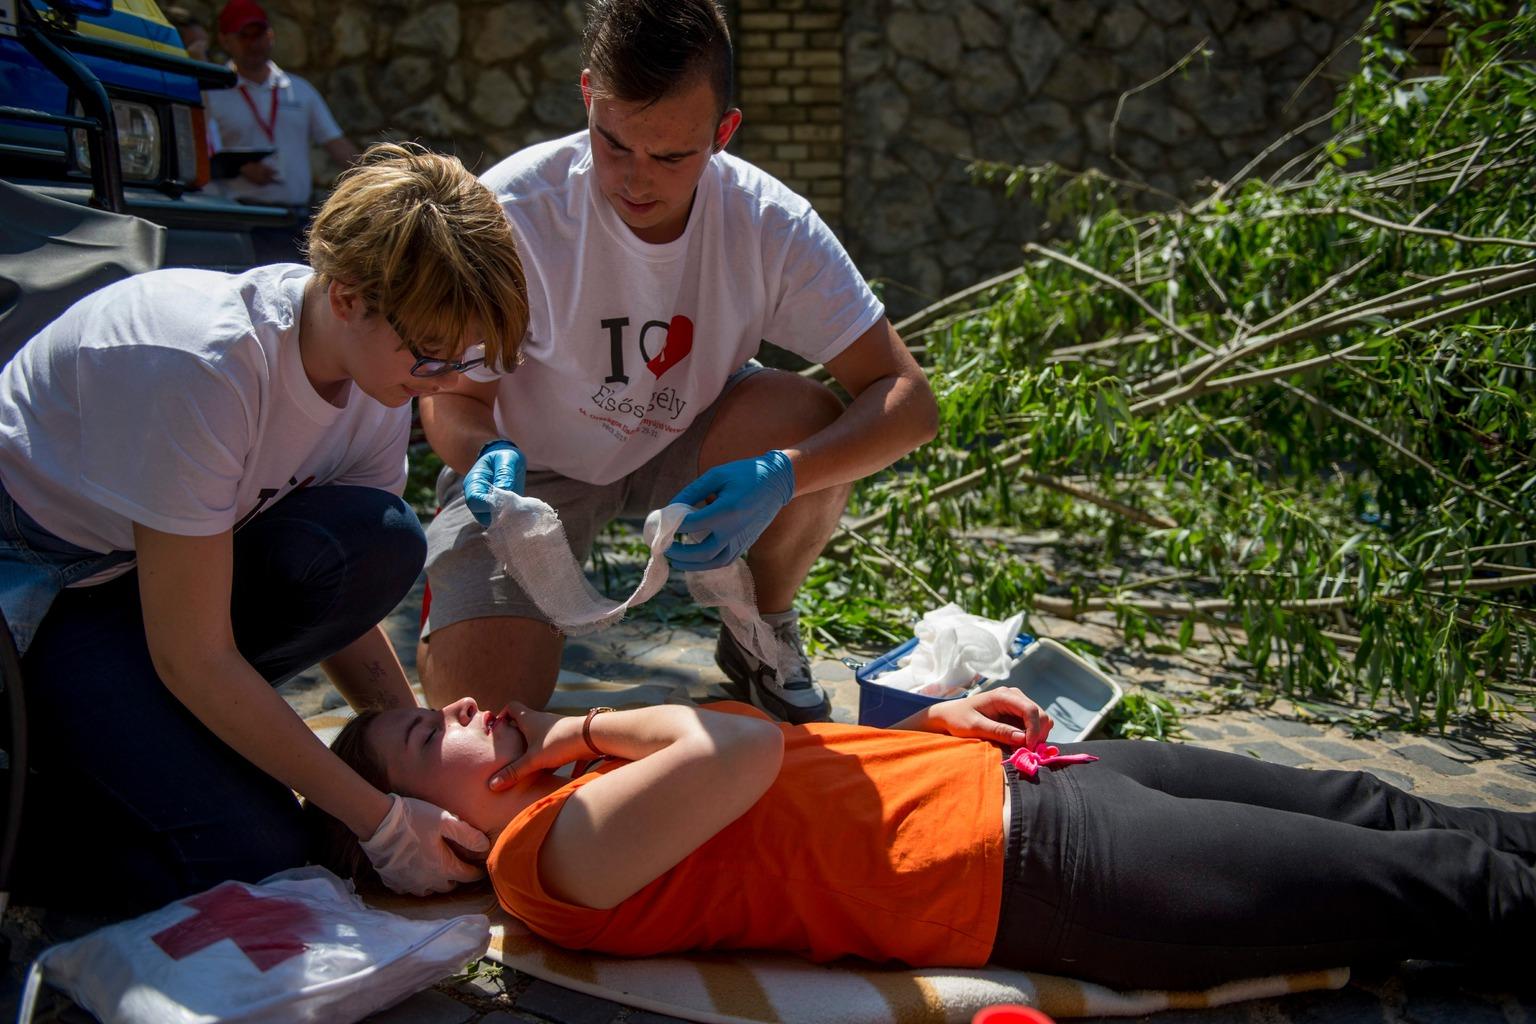 Pécs, 2015. május 30. Szimulált sérültet lát el egy csapat a Magyar Vöröskereszt 44. Országos Elsősegélynyújtó Versenyén Pécs belvárosában 2015. május 30-án. A megmérettetésen 56 csapatban 260 elsősegélynyújtó adott számot elméleti és gyakorlati elsősegély-nyújtási ismereteiről a baranyai megyeszékhely belvárosában kialakított húsz állomásos körpályán. MTI Fotó: Sóki Tamás